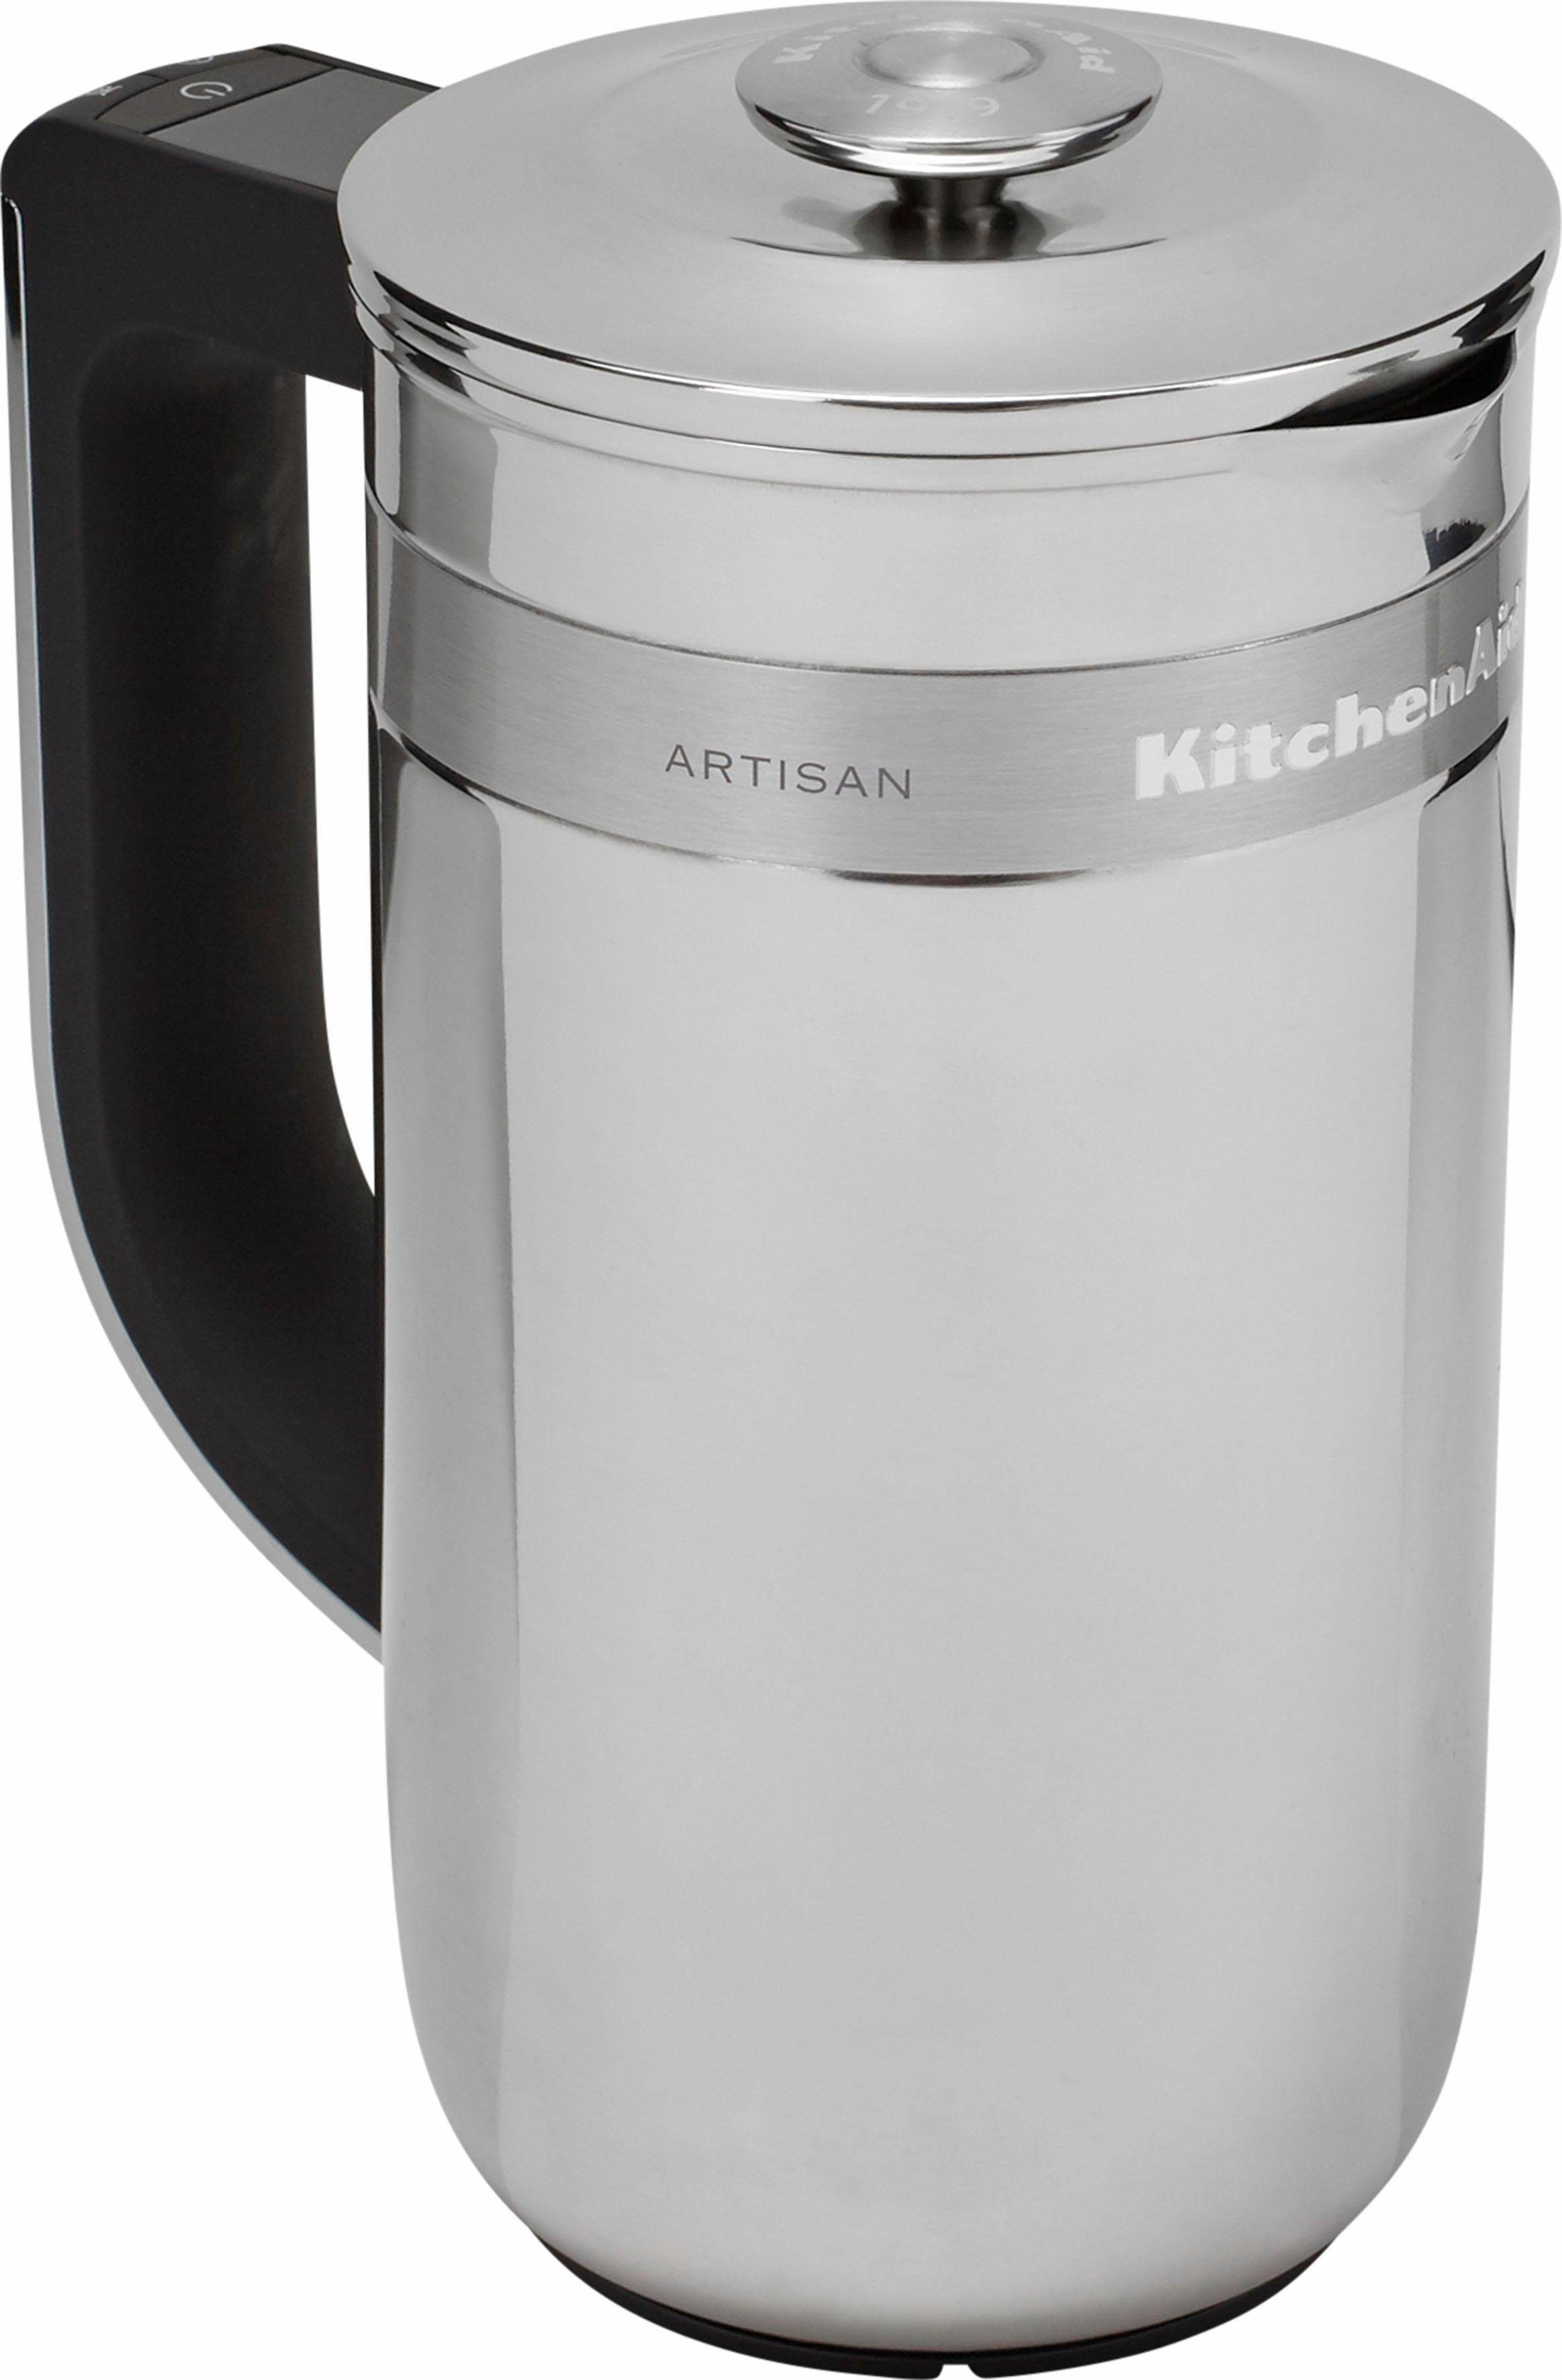 KitchenAid® Kaffee-Pressstempelkanne »Artisan 5KCM0512EES«, mit eingebauter Waage und Timer